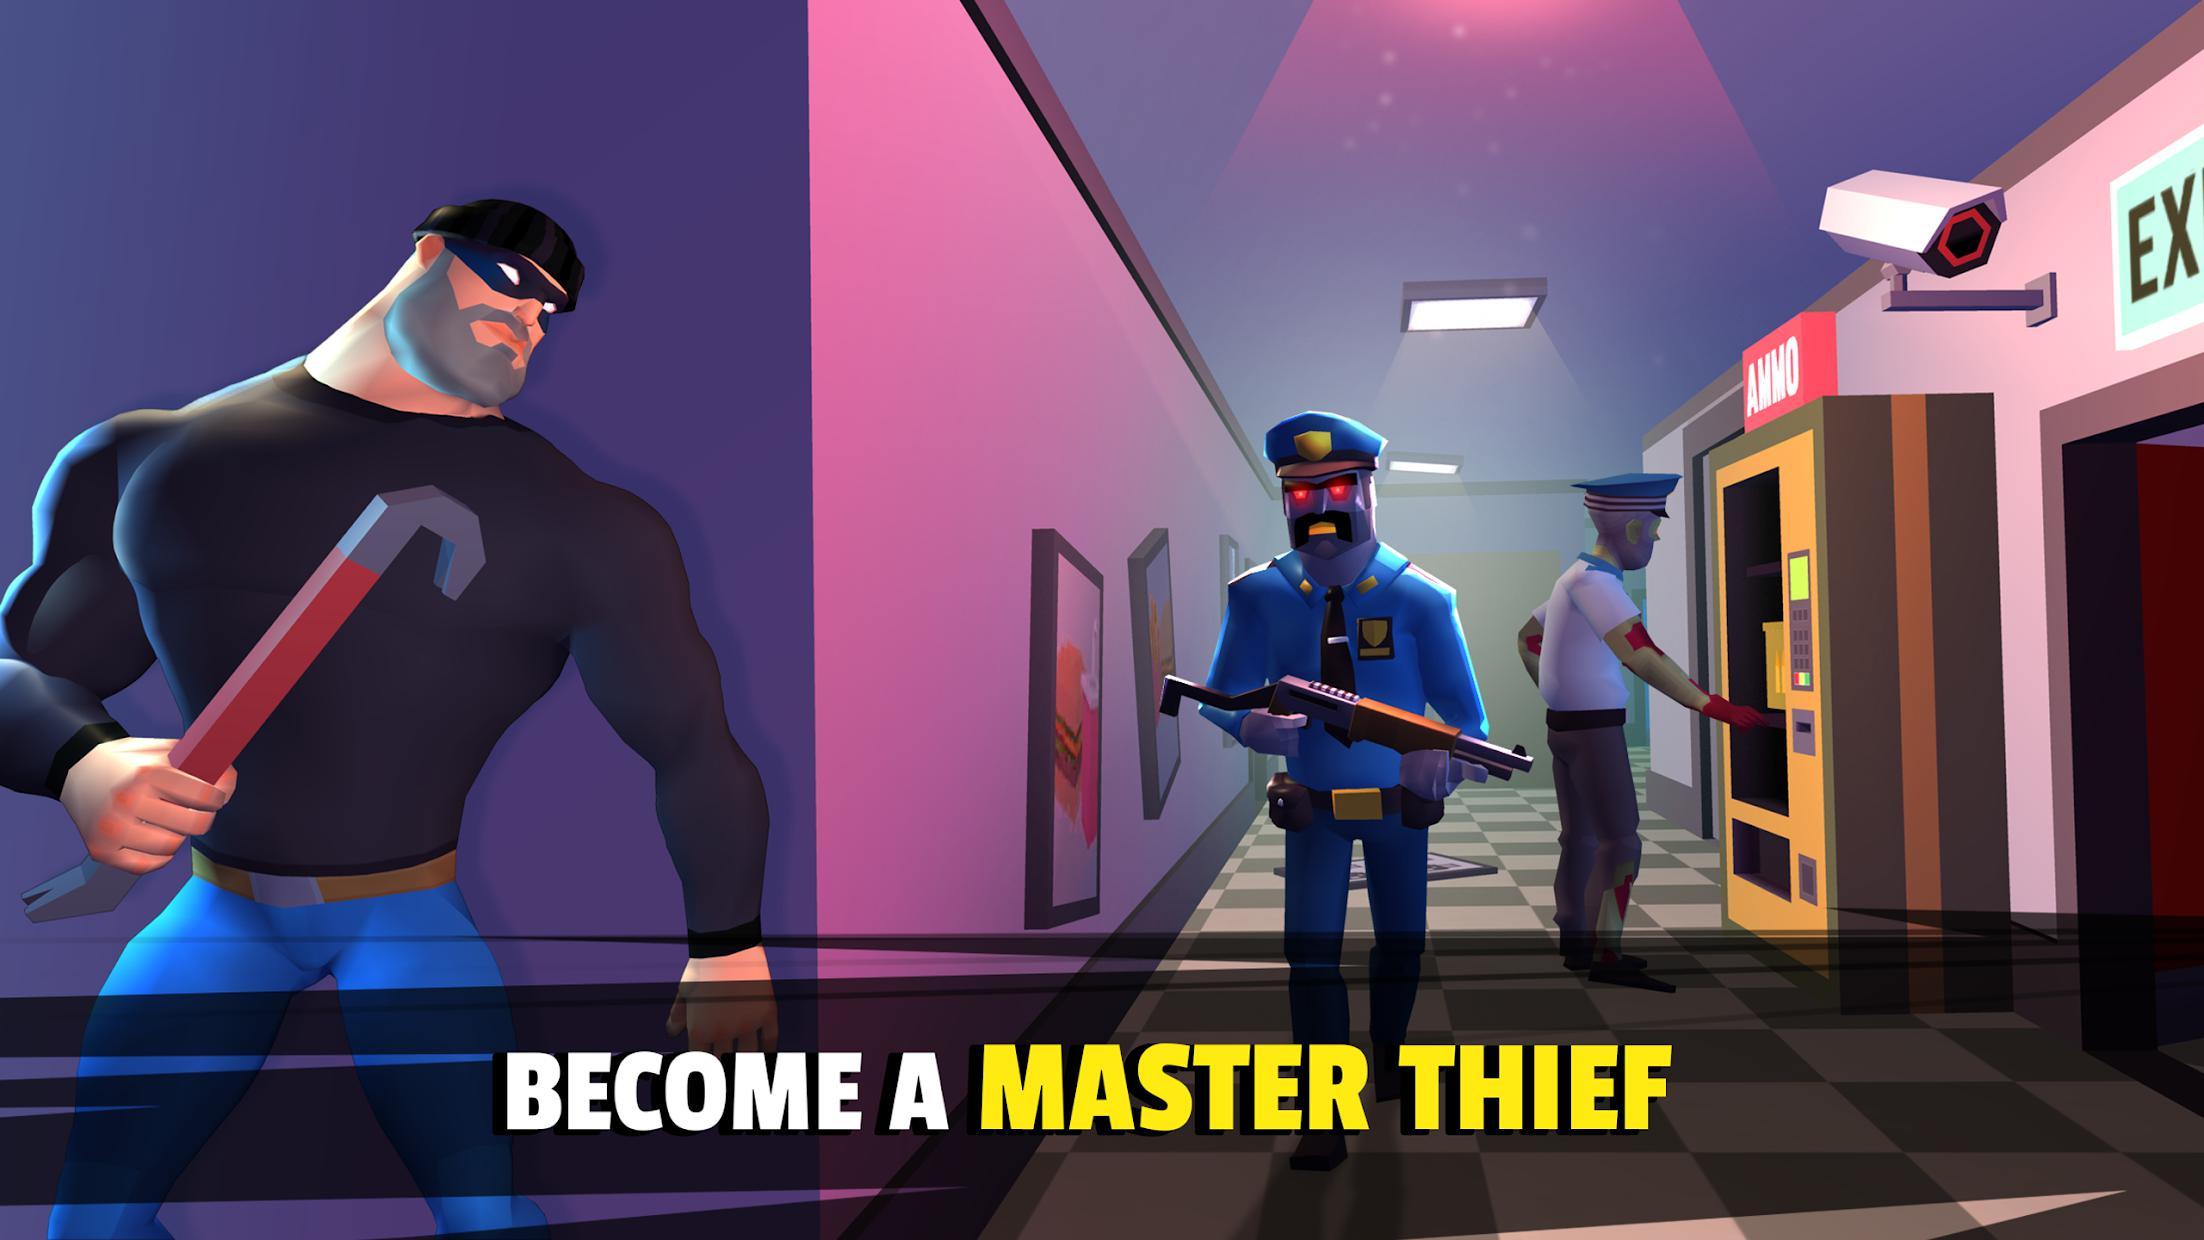 盗贼模拟器 游戏截图1